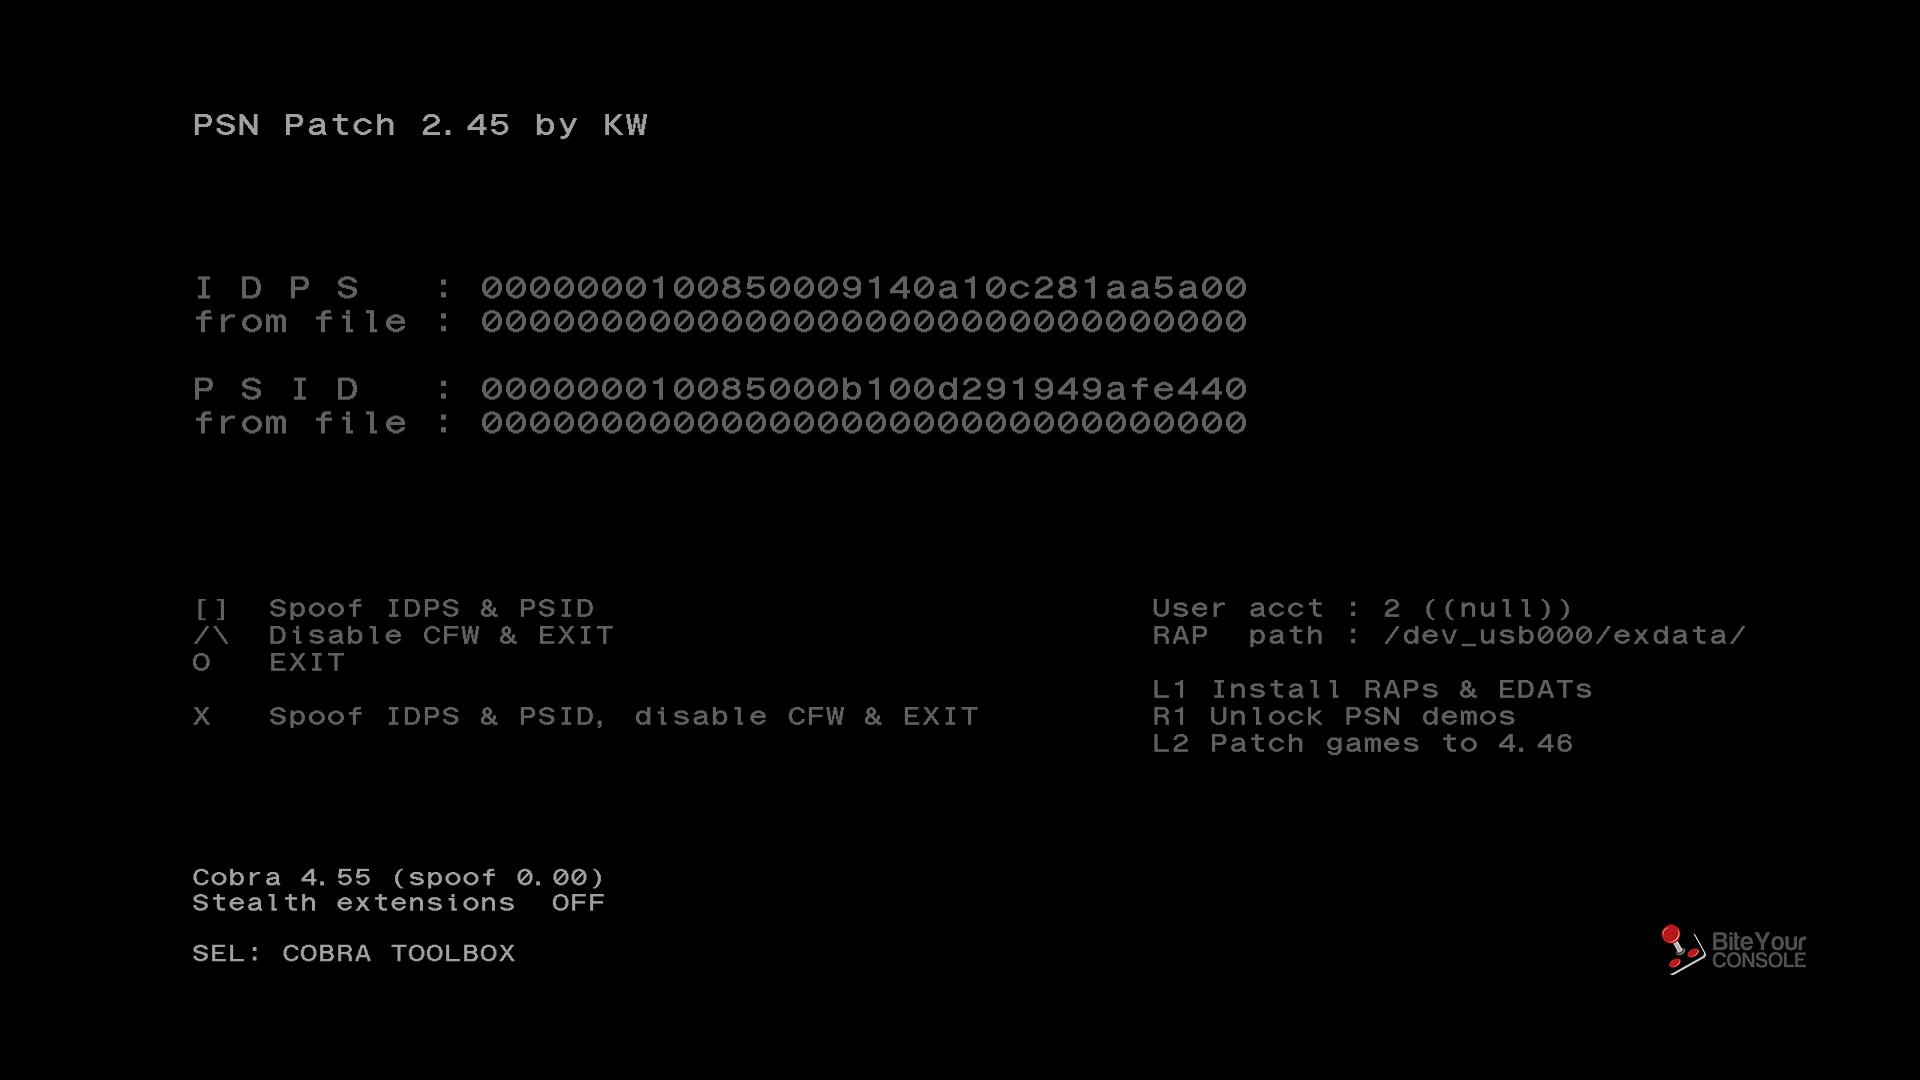 PSN Patch - 2.45